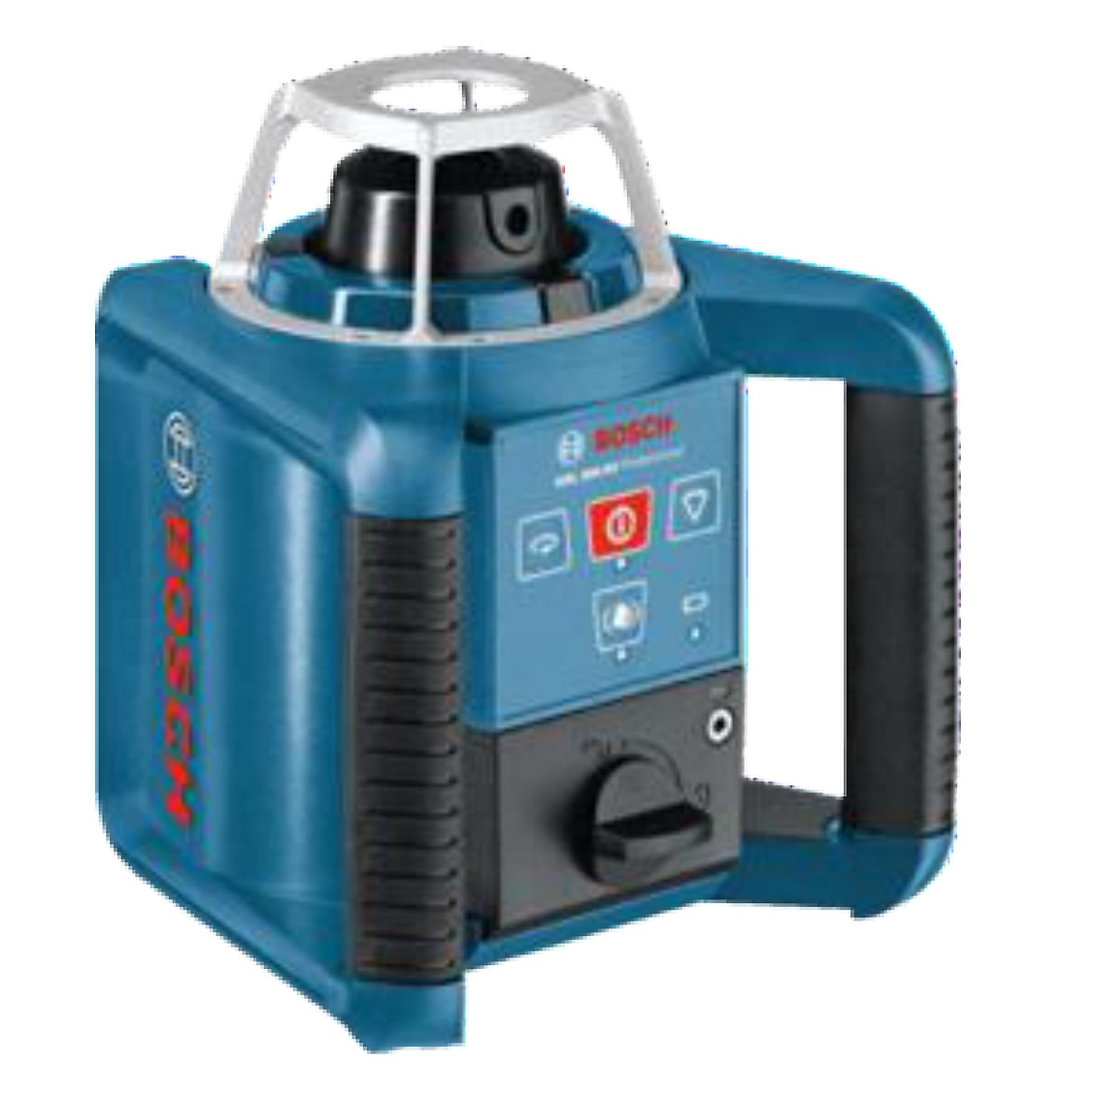 GRL 300 HV Set Professional